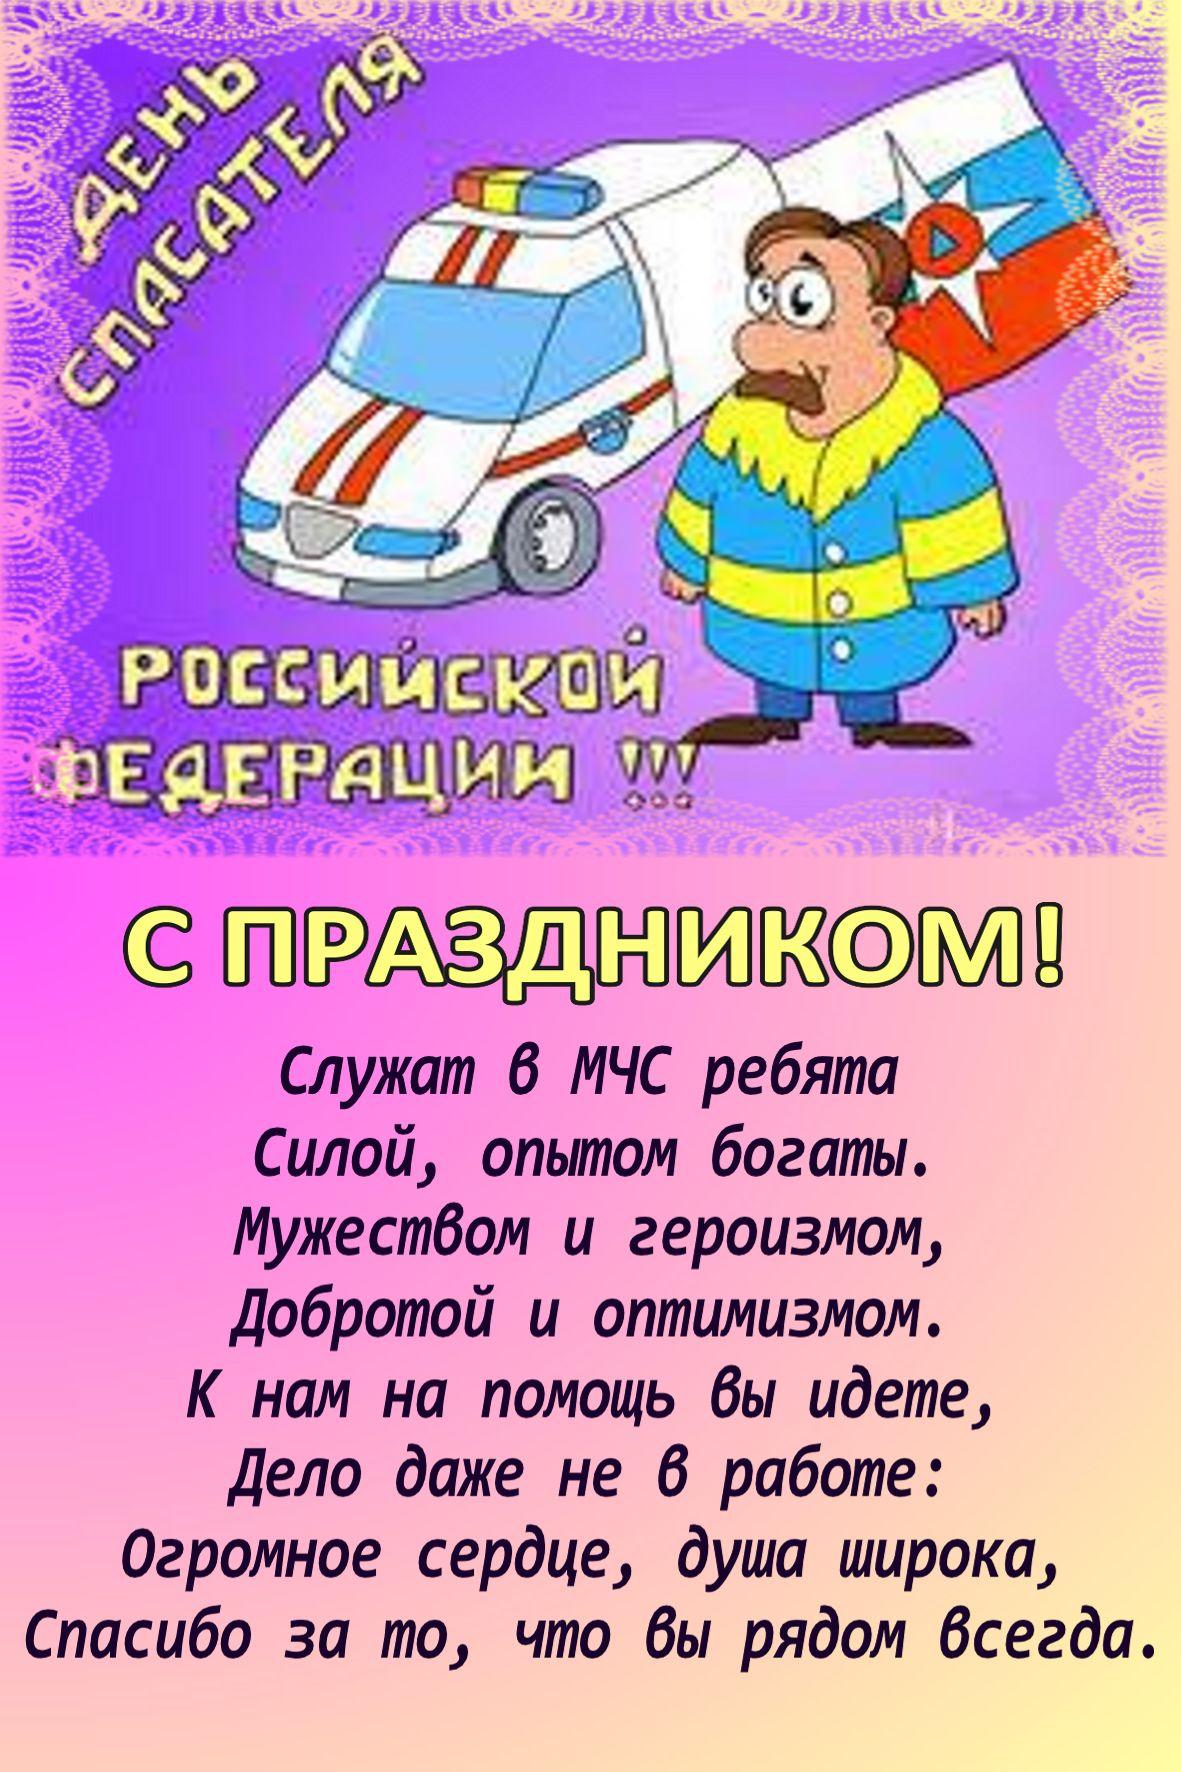 Открытка 27 декабря — день спасателя в России